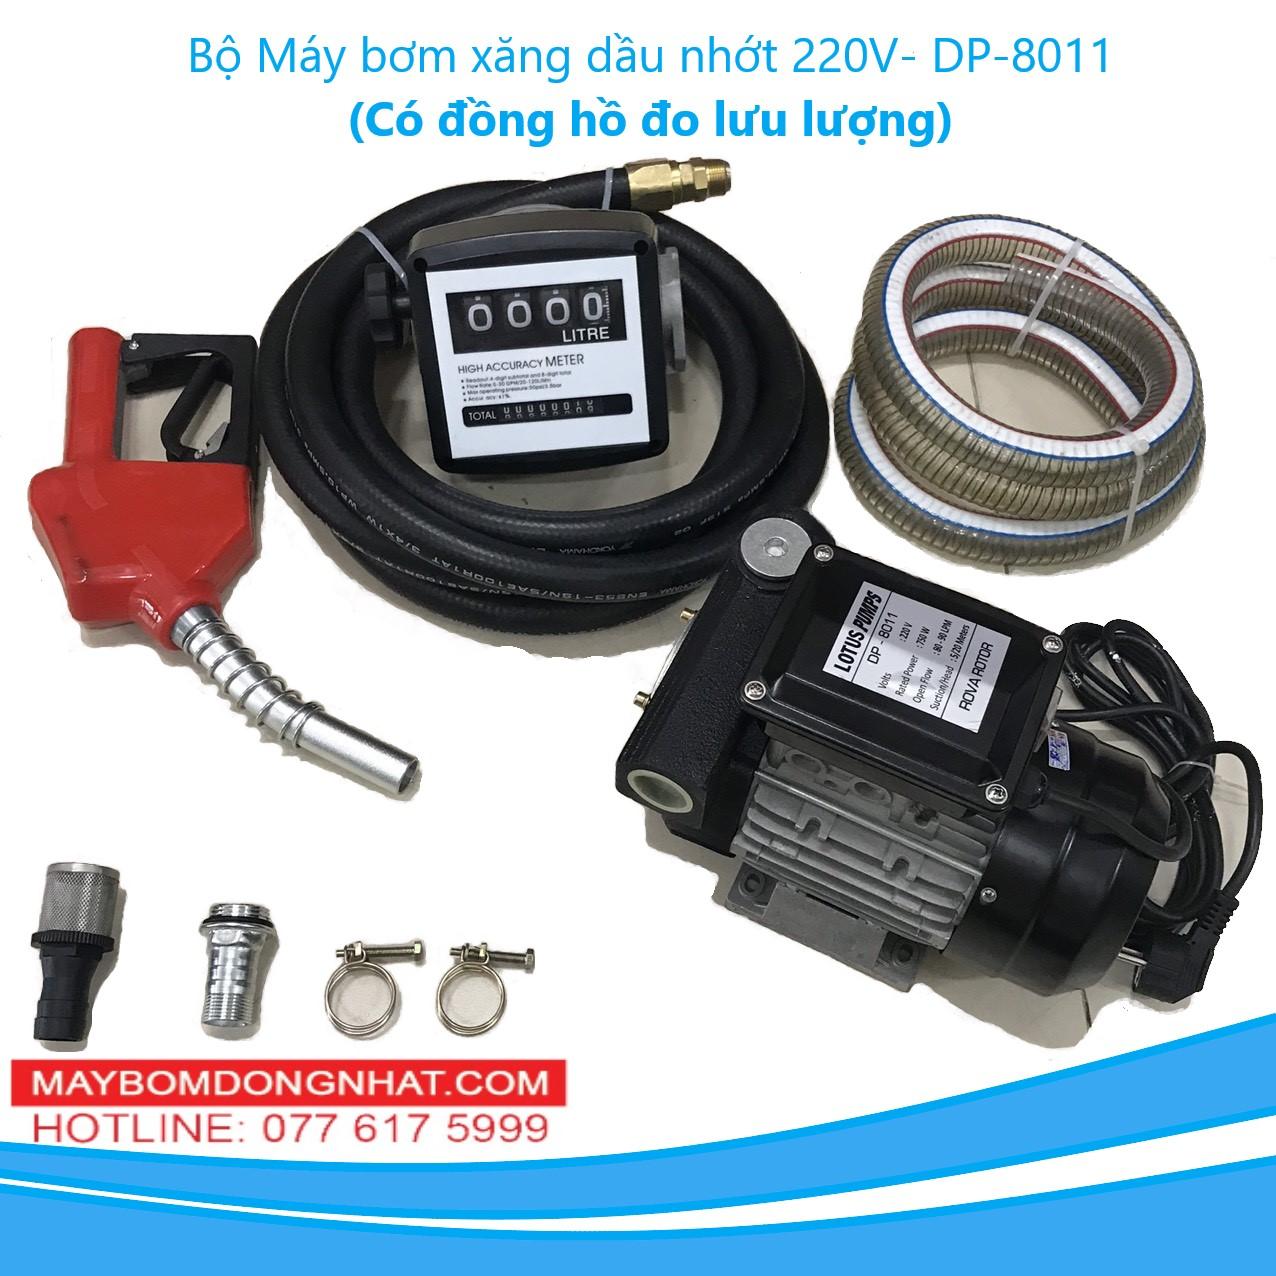 Bộ bơm xăng dầu nhớt DP-8011 220V-750W – 80 – 90L/P1(Có đồng hồ đo lưu lượng)